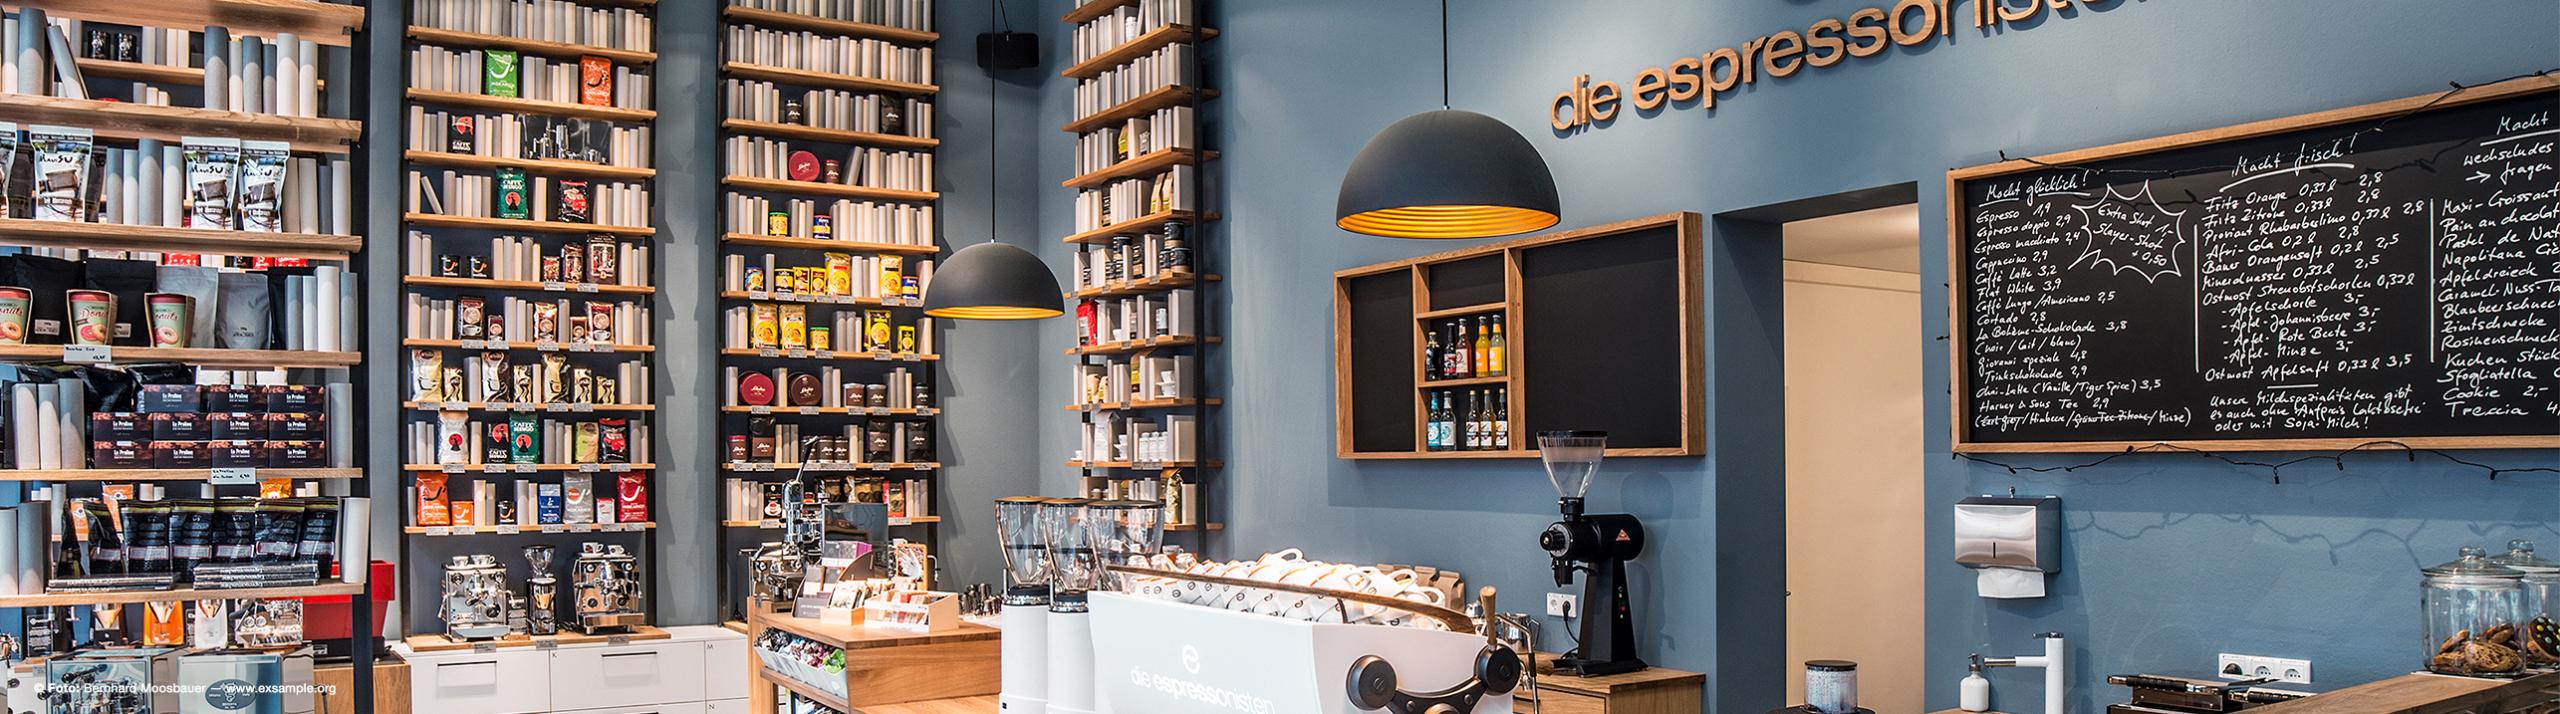 Espressonisten Store Berlin